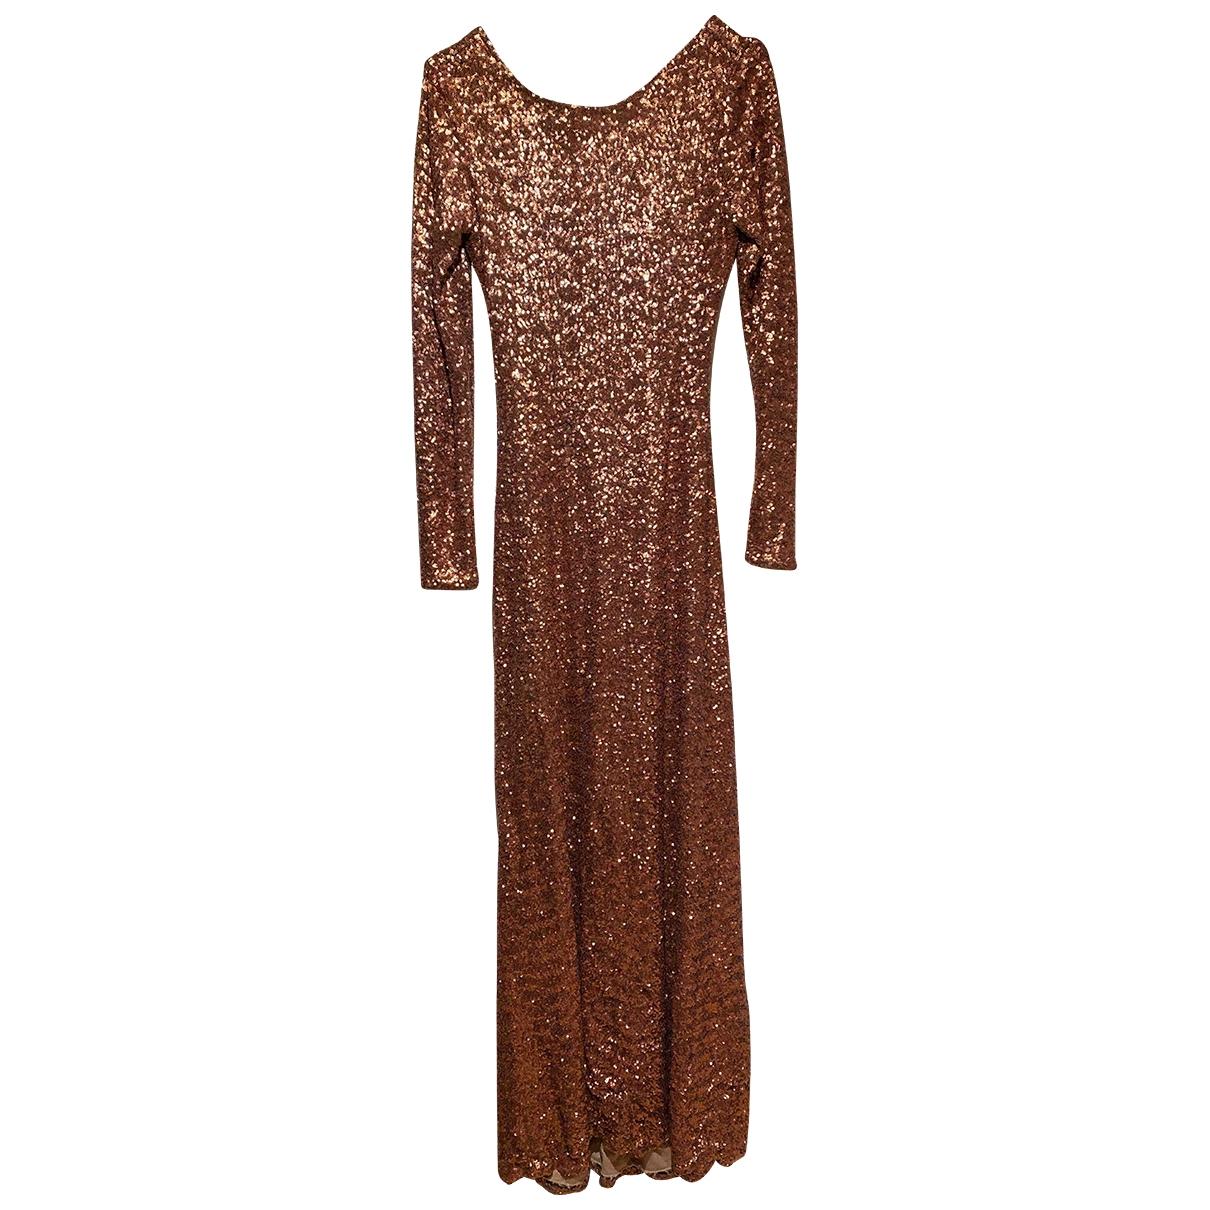 - Robe   pour femme en a paillettes - marron